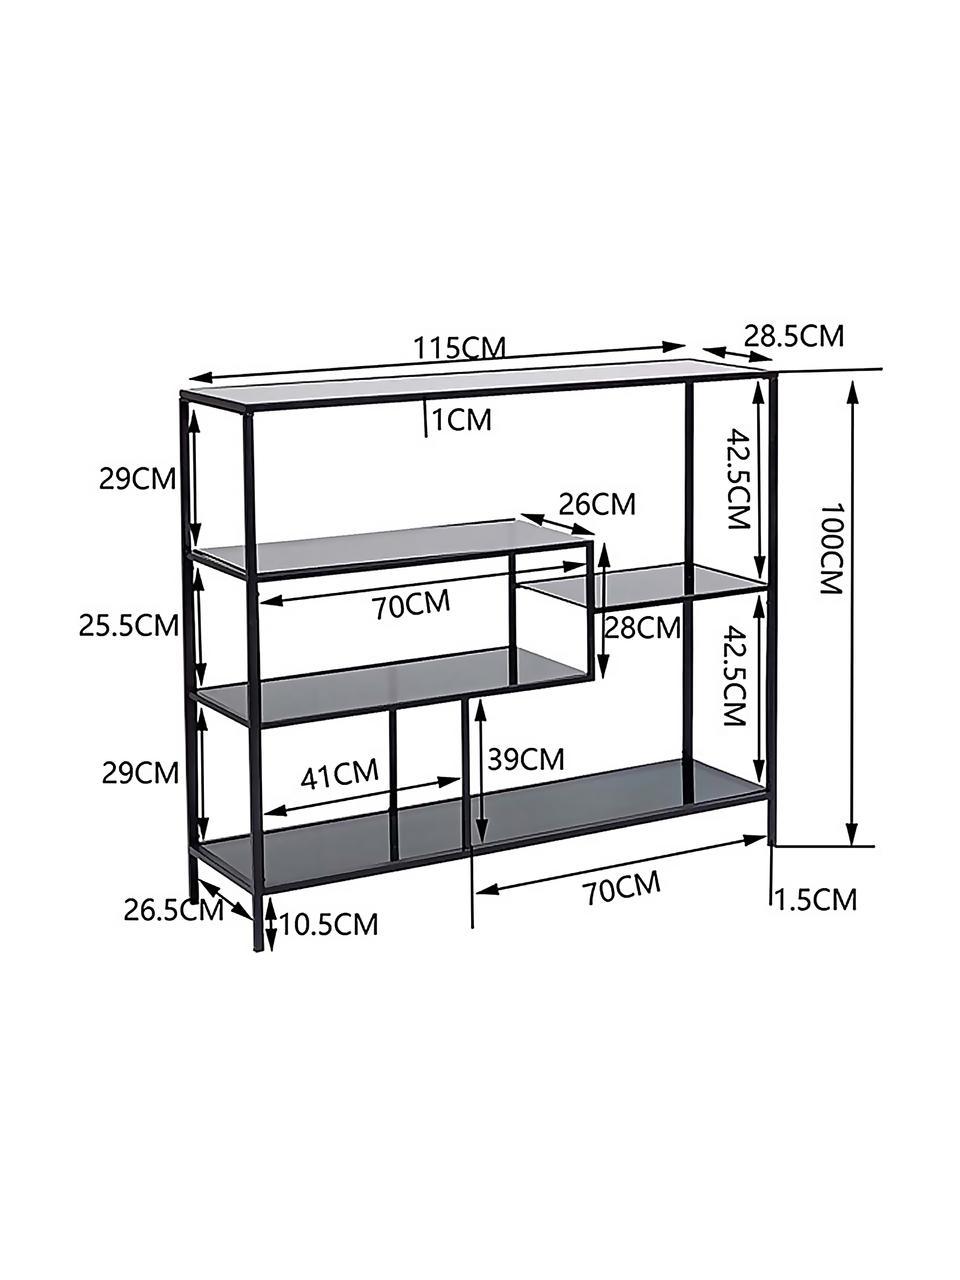 Metall-Standregal Loft in Messingfarben, Gestell: Metall, pulverbeschichtet, Messingfarben, 115 x 100 cm